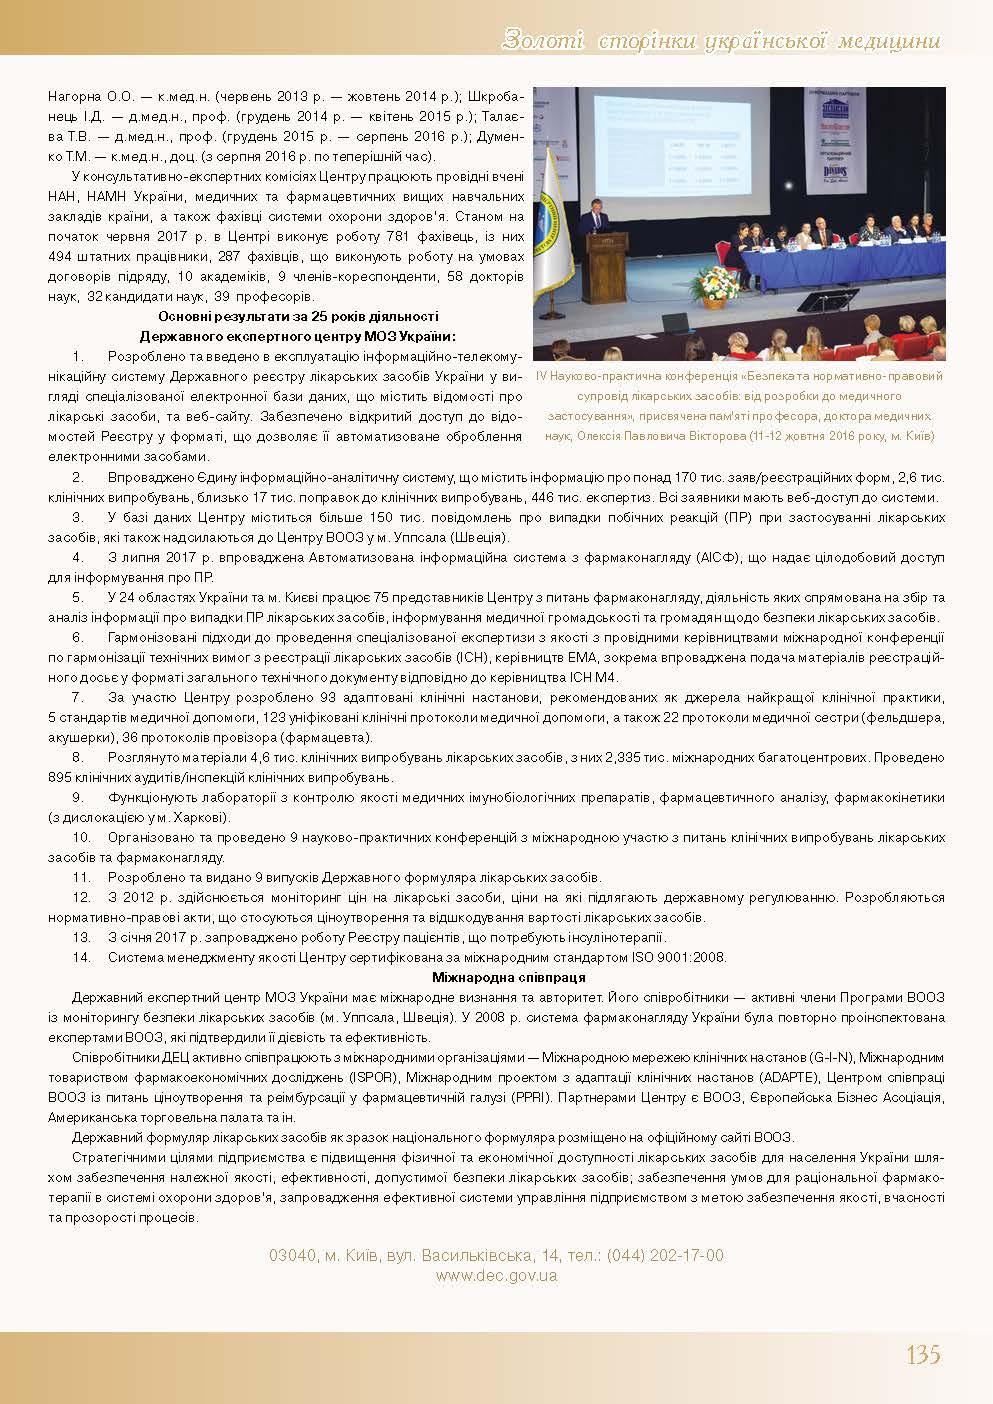 Державному експертному центру МОЗ України 25 років!